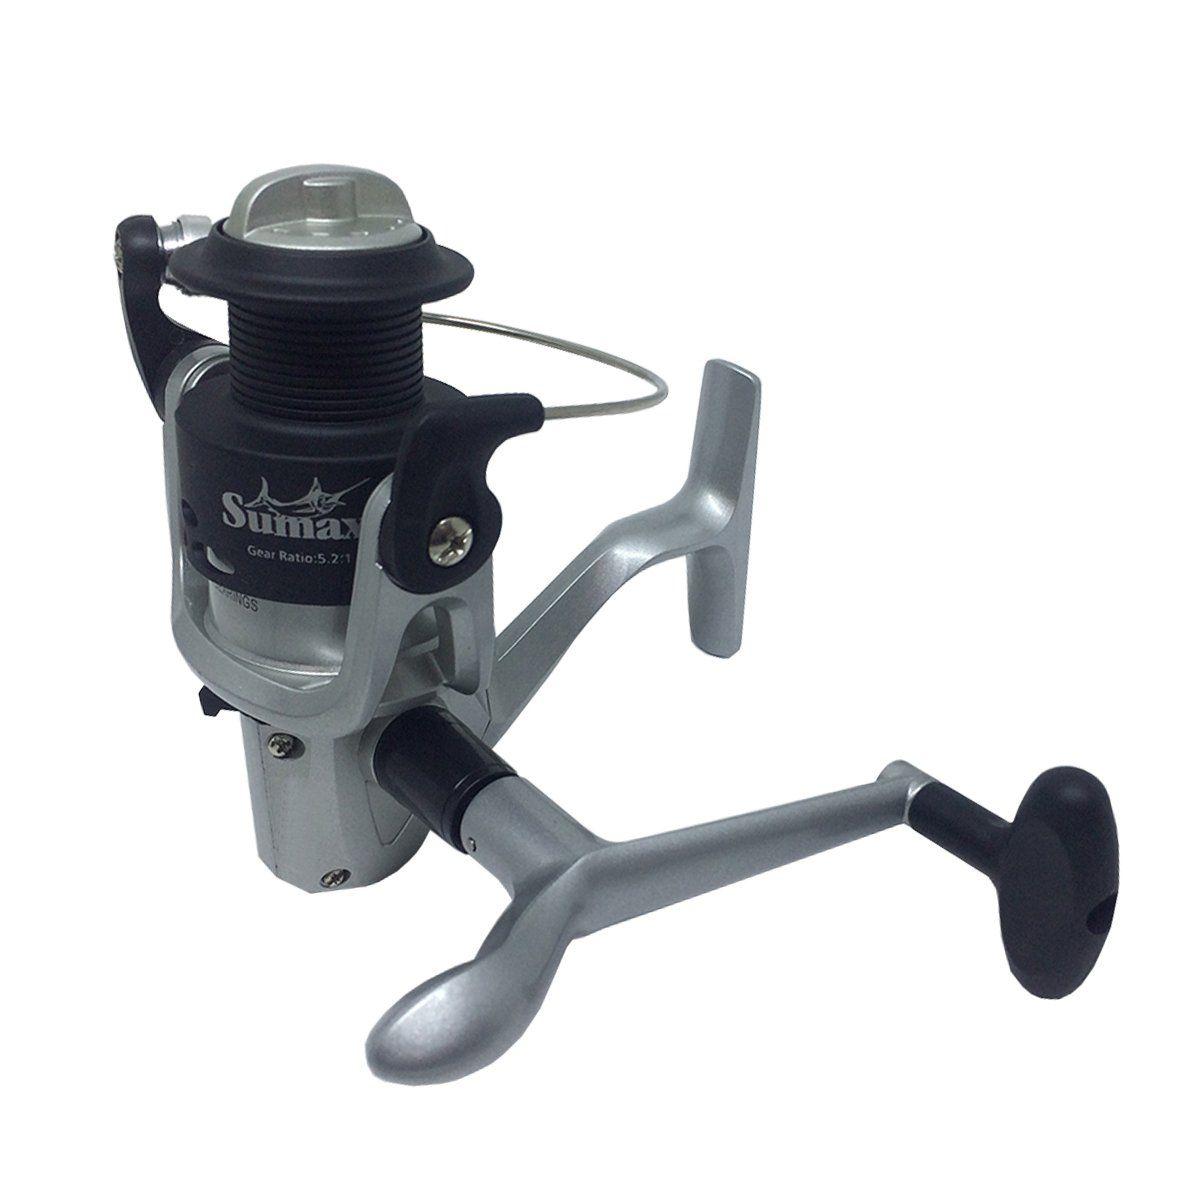 Molinete Sumax Troller 500 Fricção Dianteira 3 Rolamentos